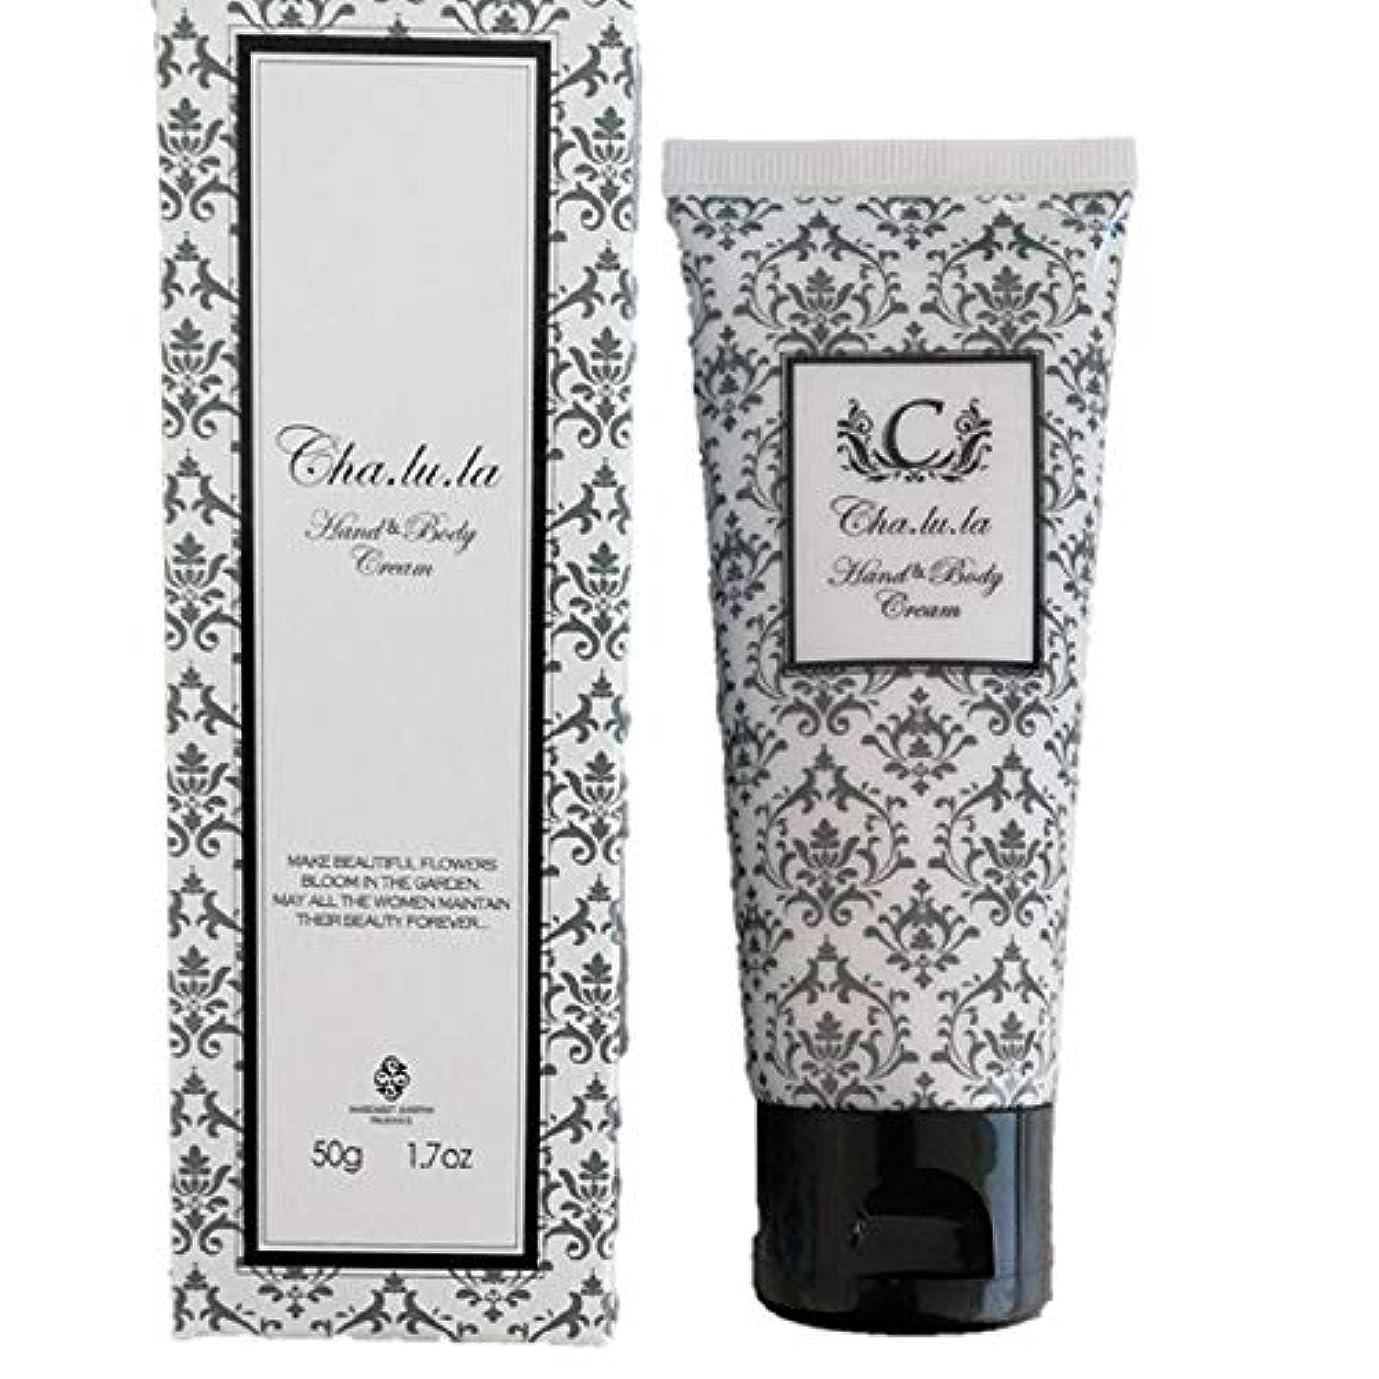 哲学怠けた指標シャルラ H&Bクリーム ノーブルブロッサムの香り ハンド&ボディークリーム 50g